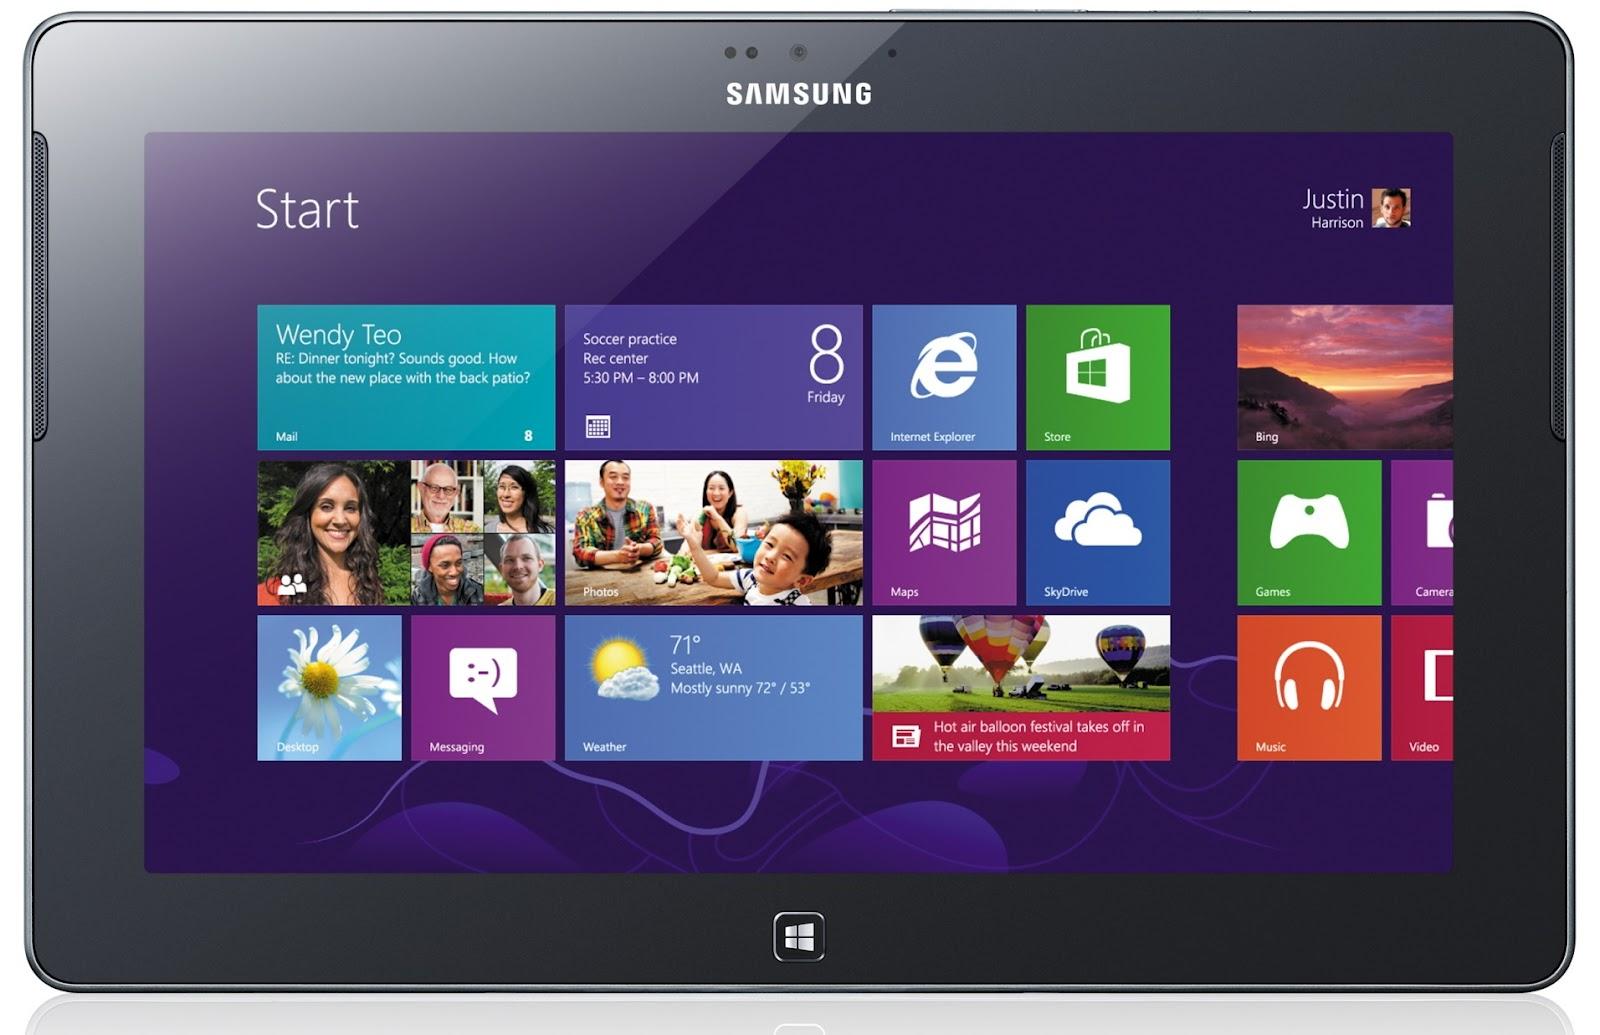 http://2.bp.blogspot.com/--4ZkHym3Kkk/UFhhMj2D9MI/AAAAAAAAFo0/9q5L7ErDvmQ/s1600/Samsung%20ATIV%20Tab%20mc1.jpg